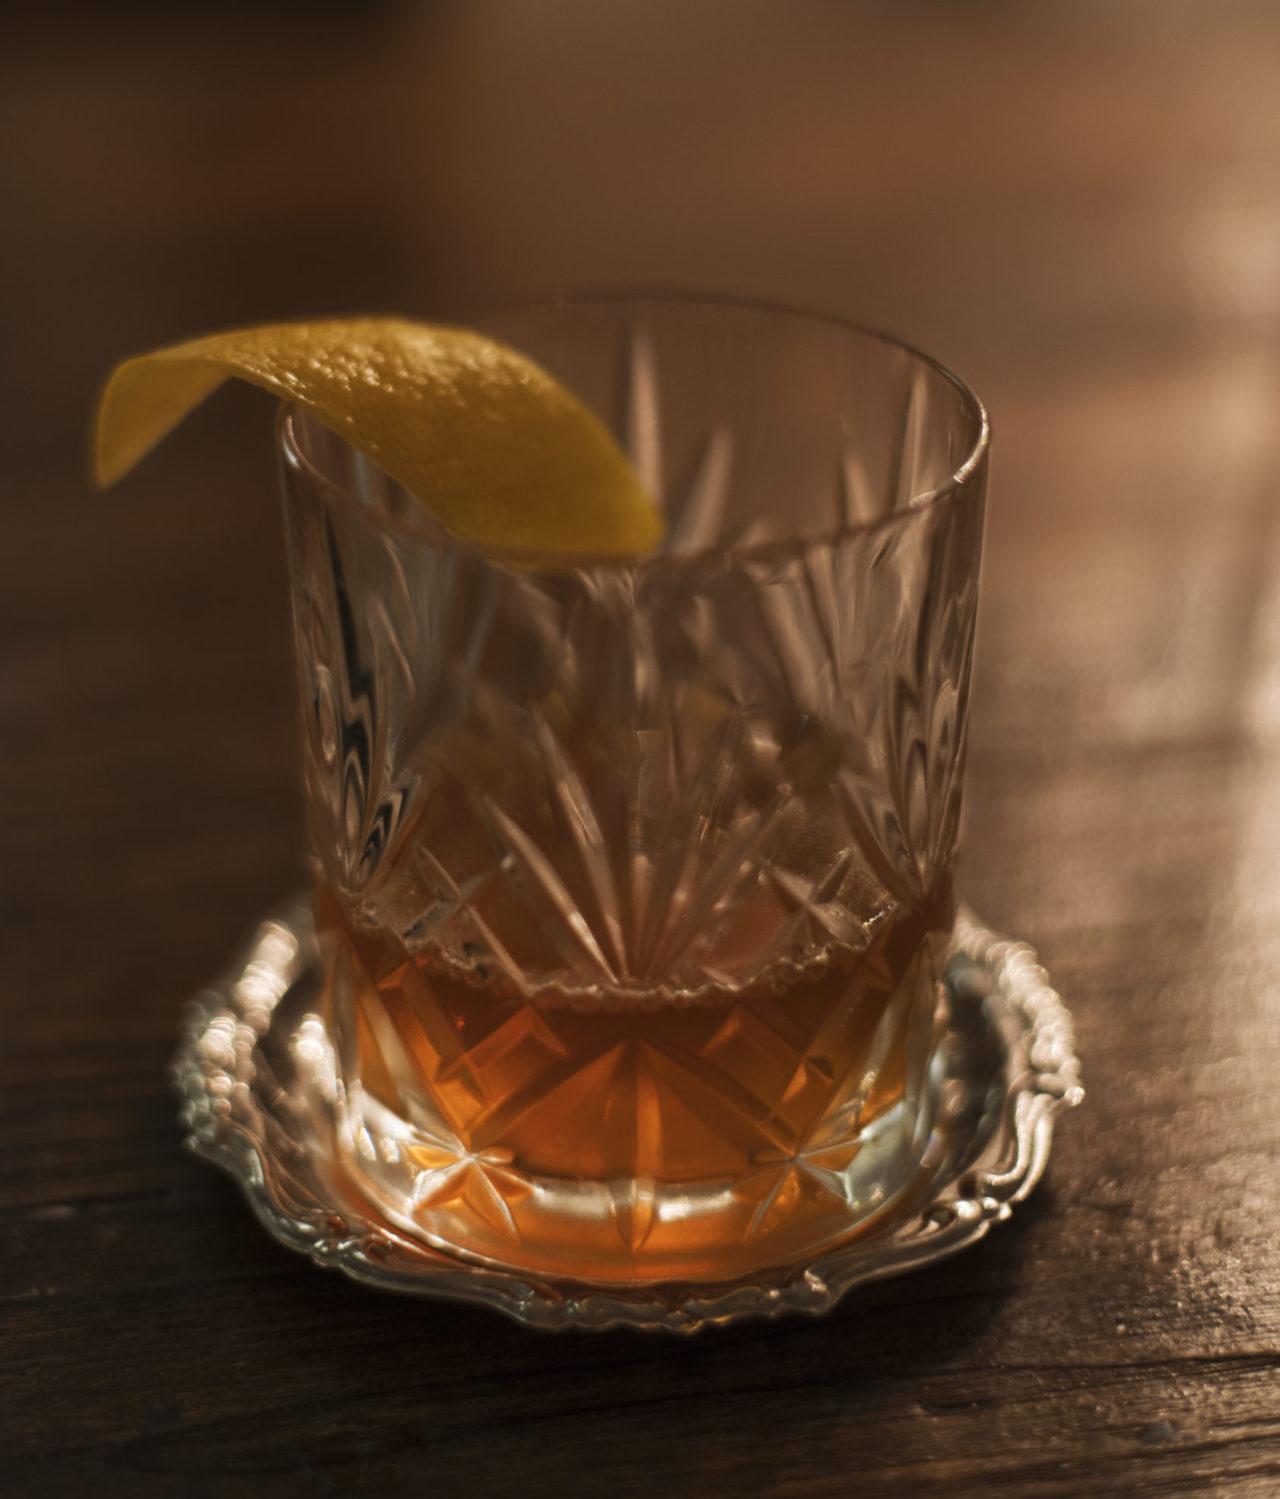 bicchiere di cocktail sazerac con zest di limone servito su un coaster d'argento